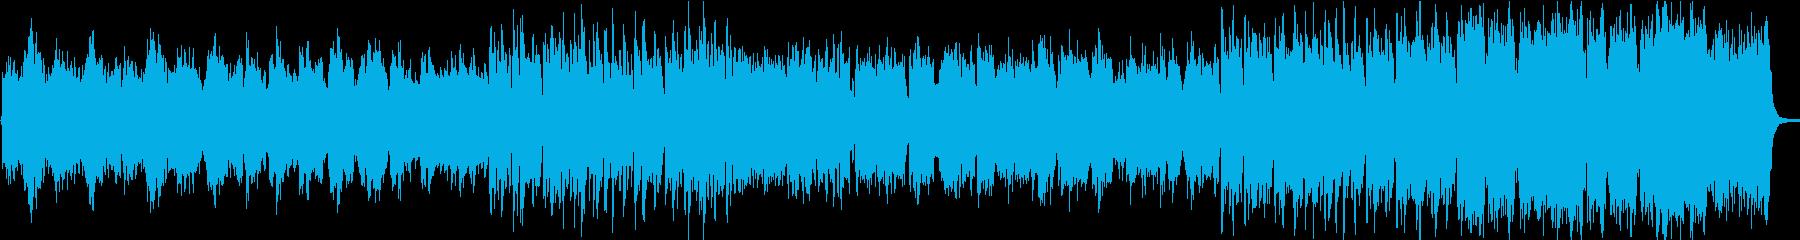 和風ファンタジーで歴史ものBGM向きの再生済みの波形